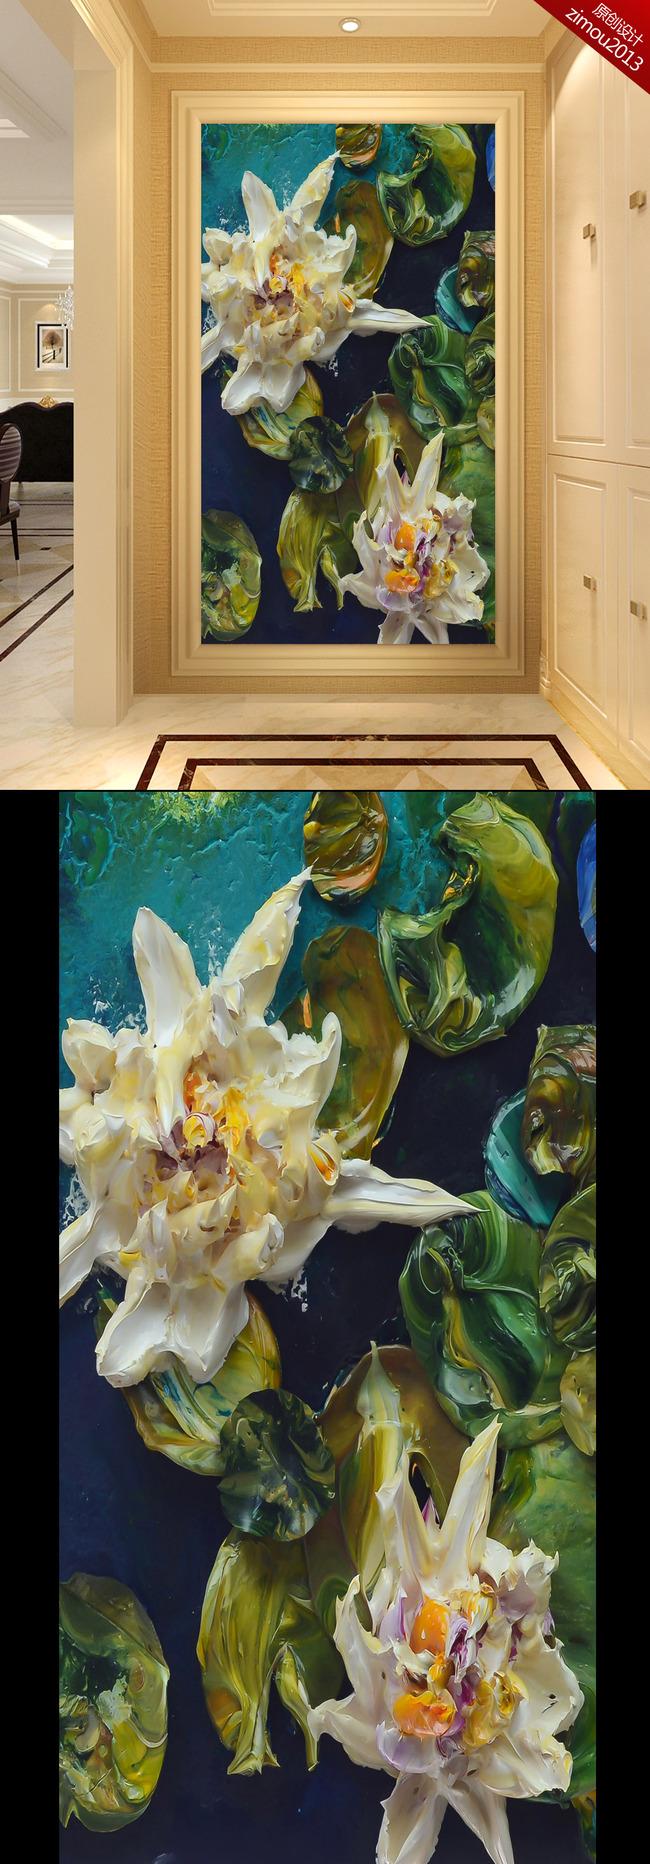 > 荷塘莲花手绘立体水彩油画玄关过道壁画  下一张> [版权